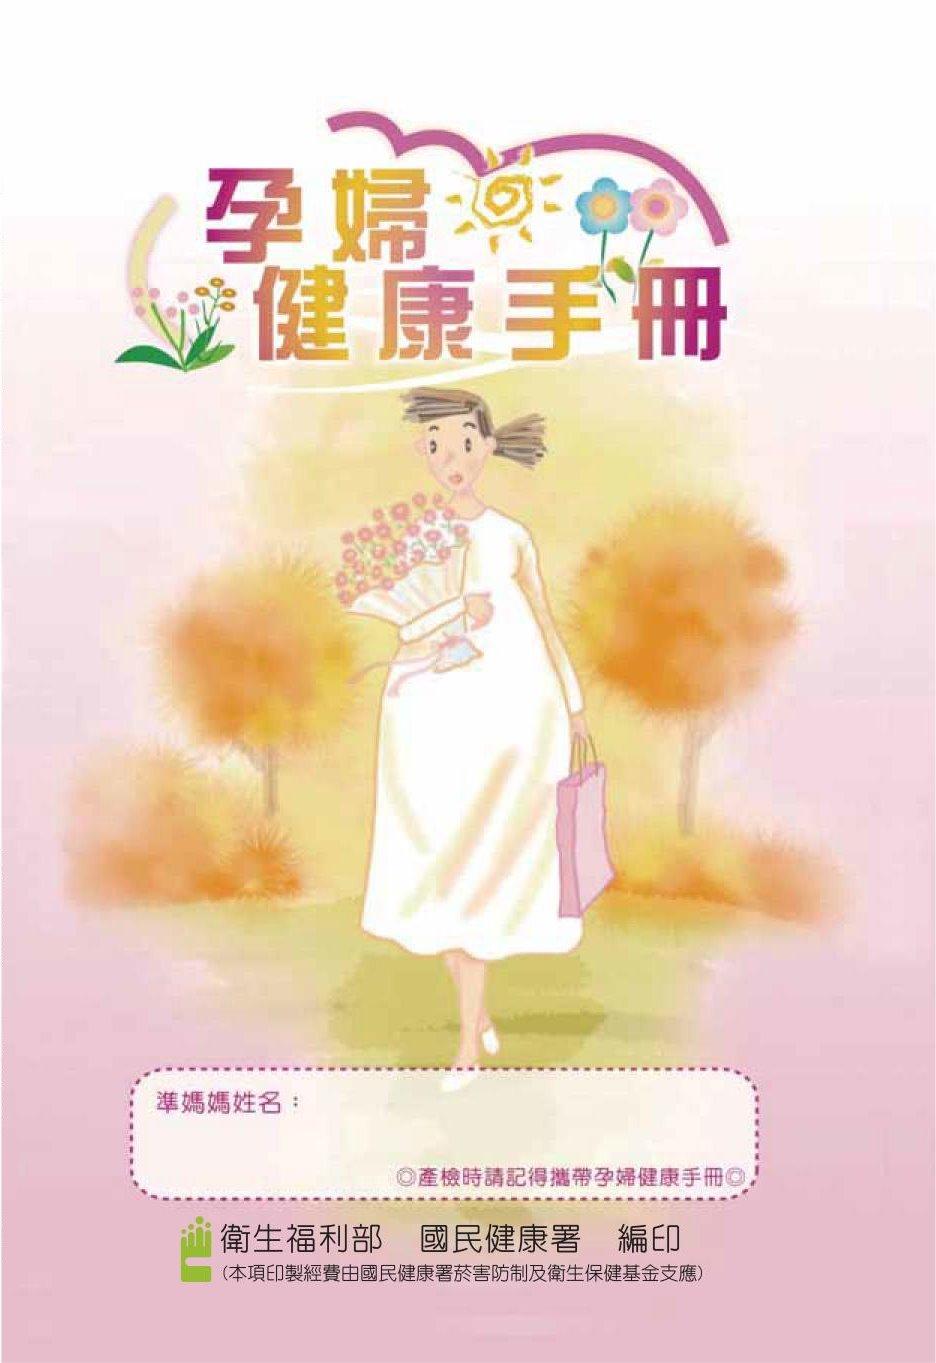 孕婦健康手冊-中文版(103年6月出版)